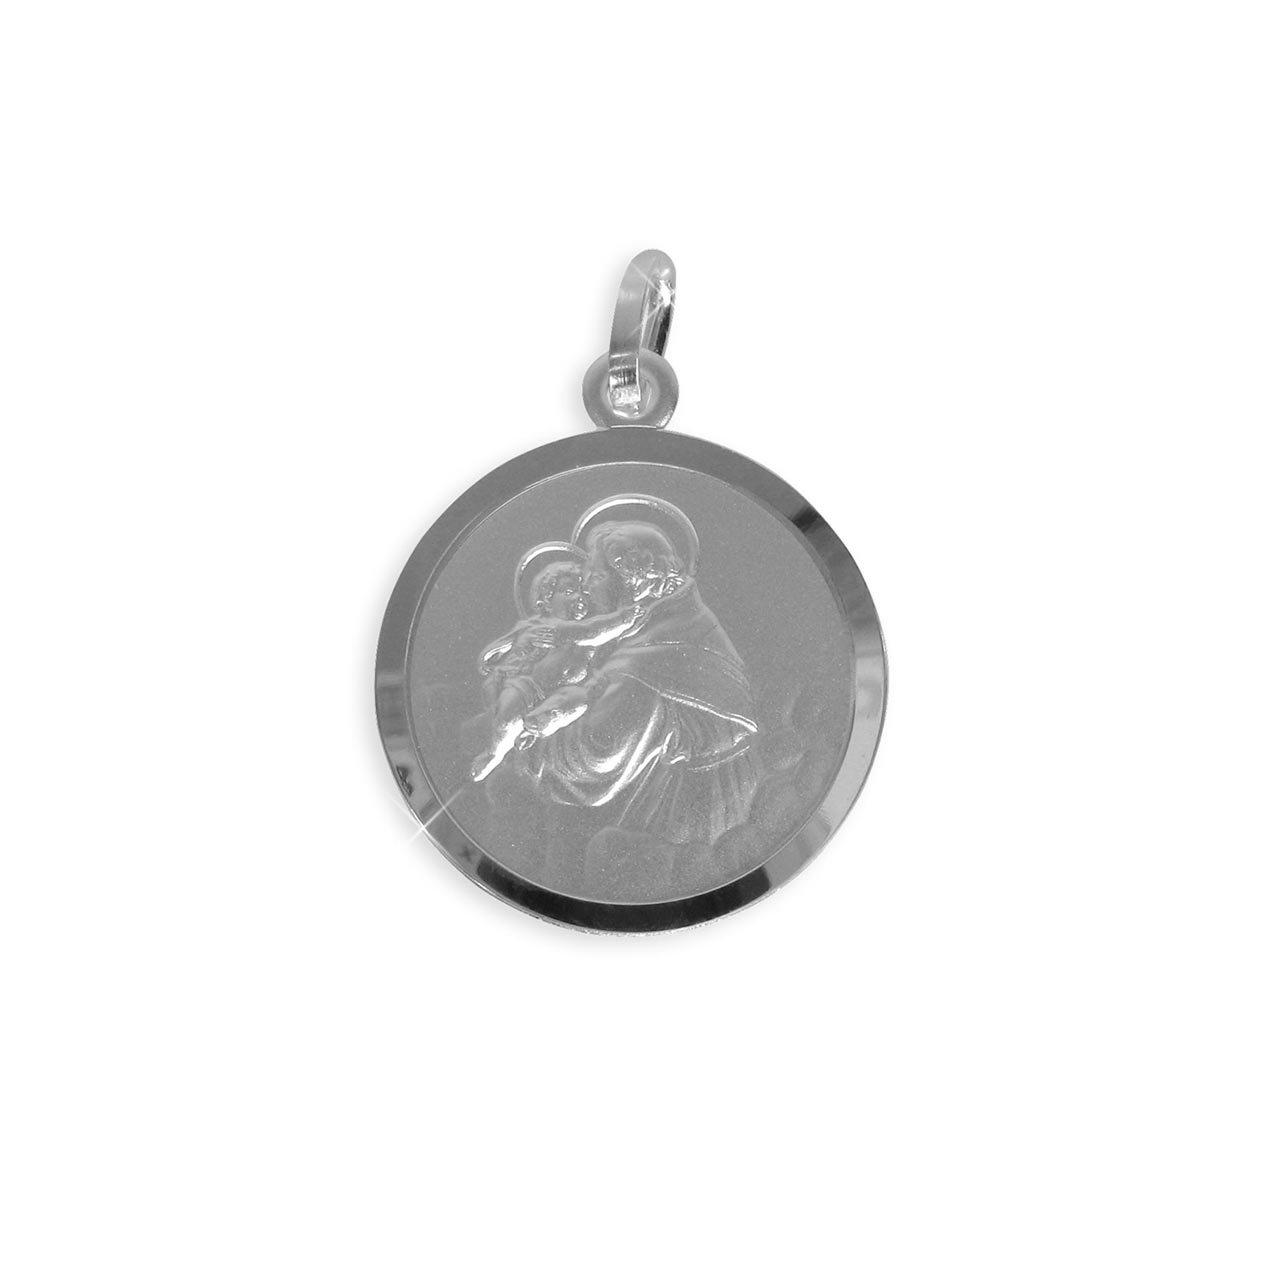 Heiliger Antonius Medaille Anhänger Durchmesser 12mm (Art.213019/036/079) GRATIS-SOFORT-GRAVUR Viennagold 213036